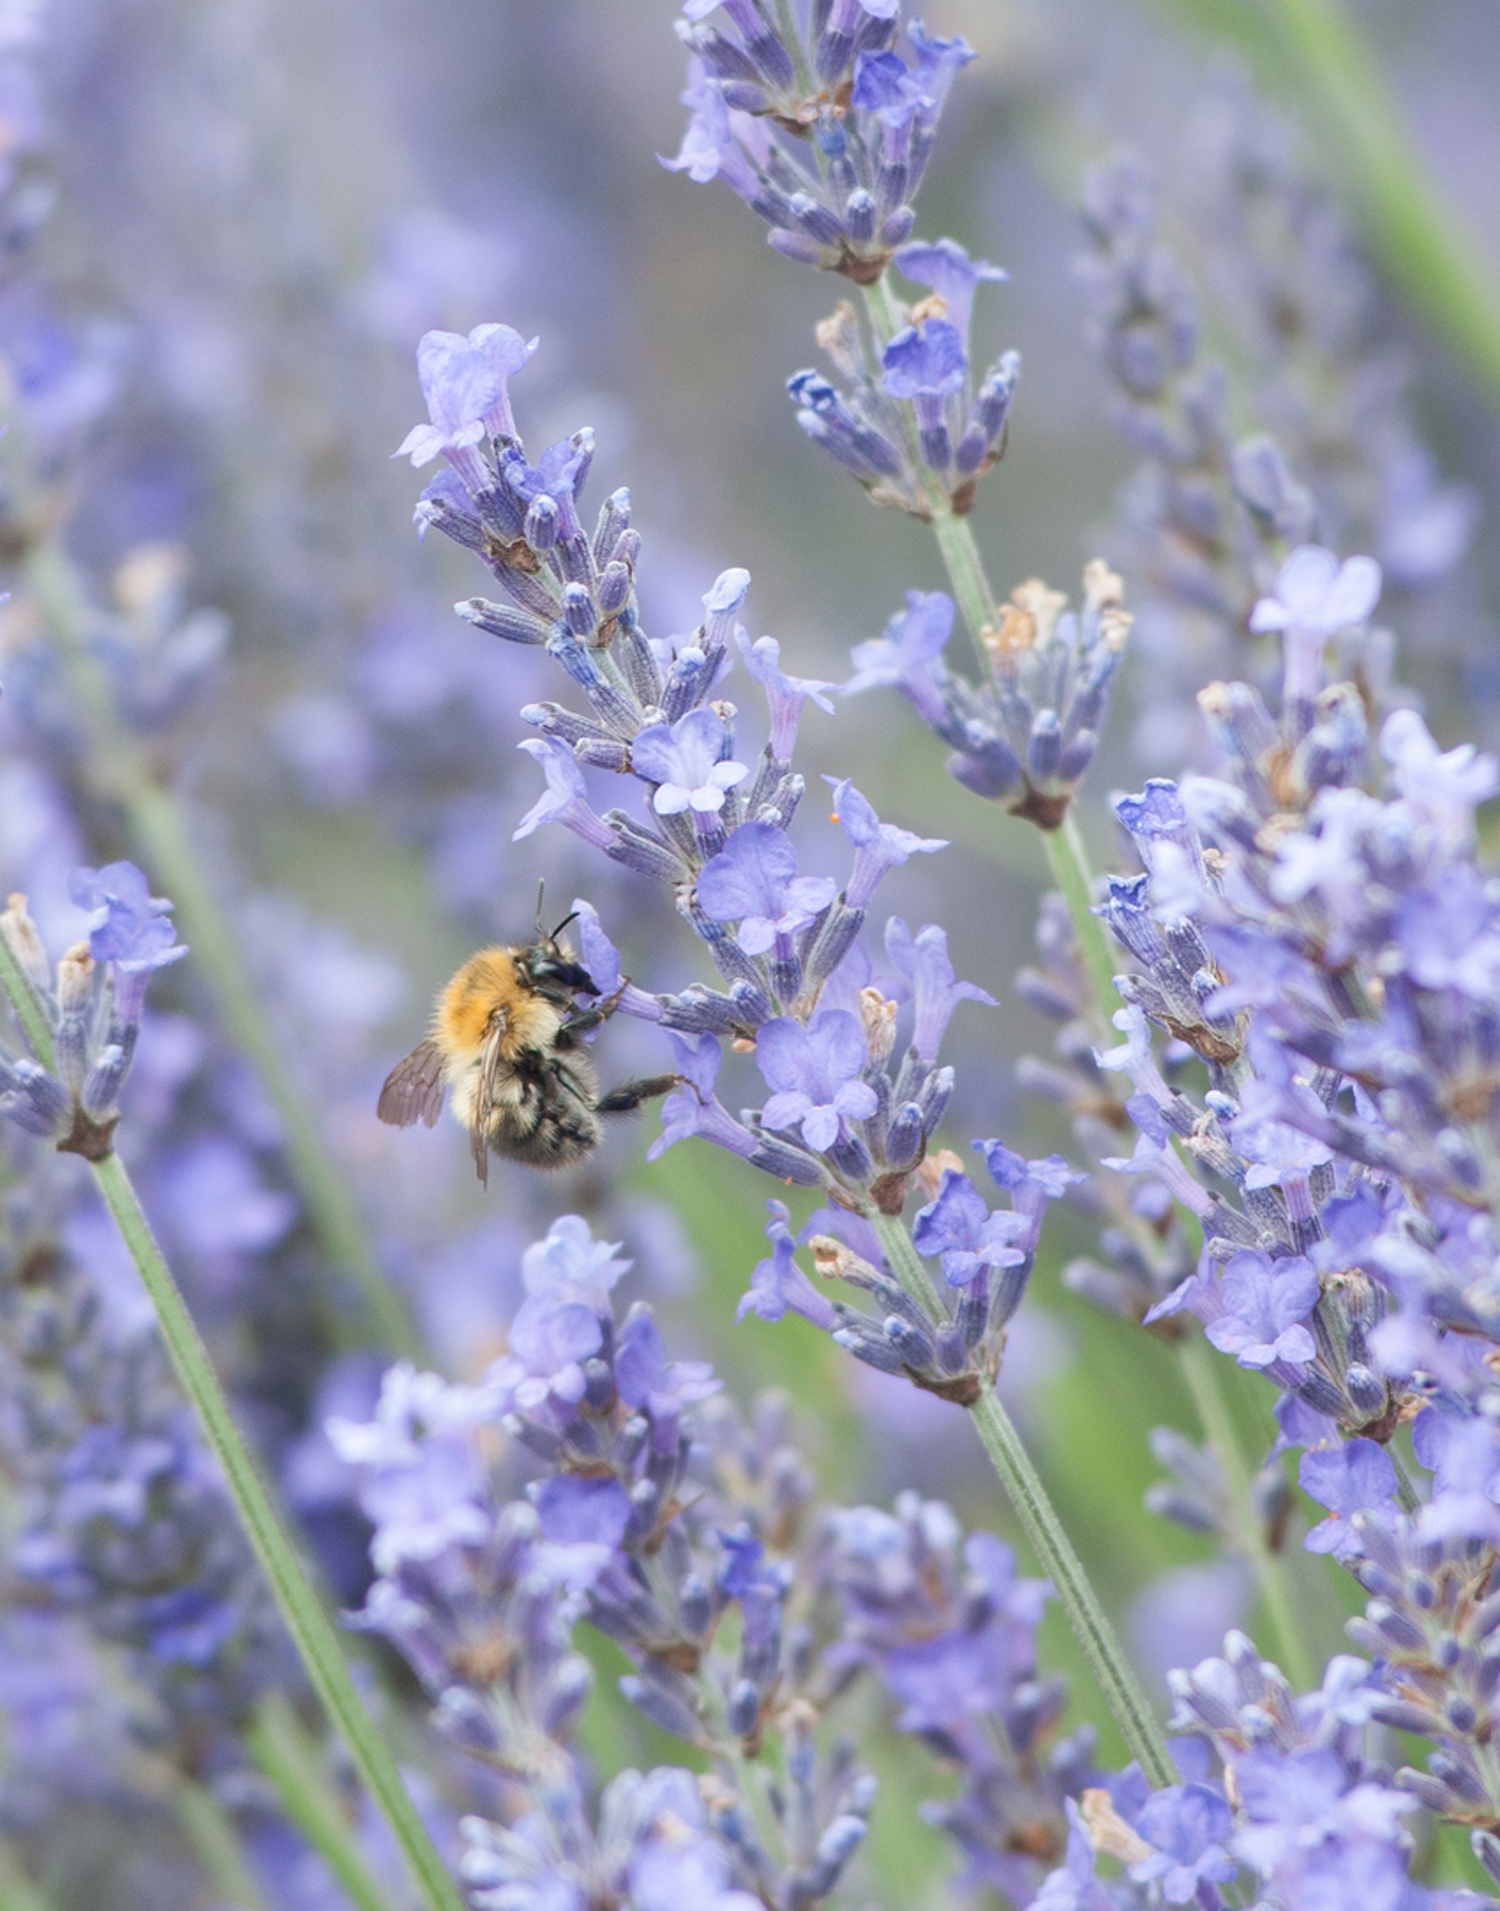 Bee in Lavender by Katie Vandyck at 100Designs